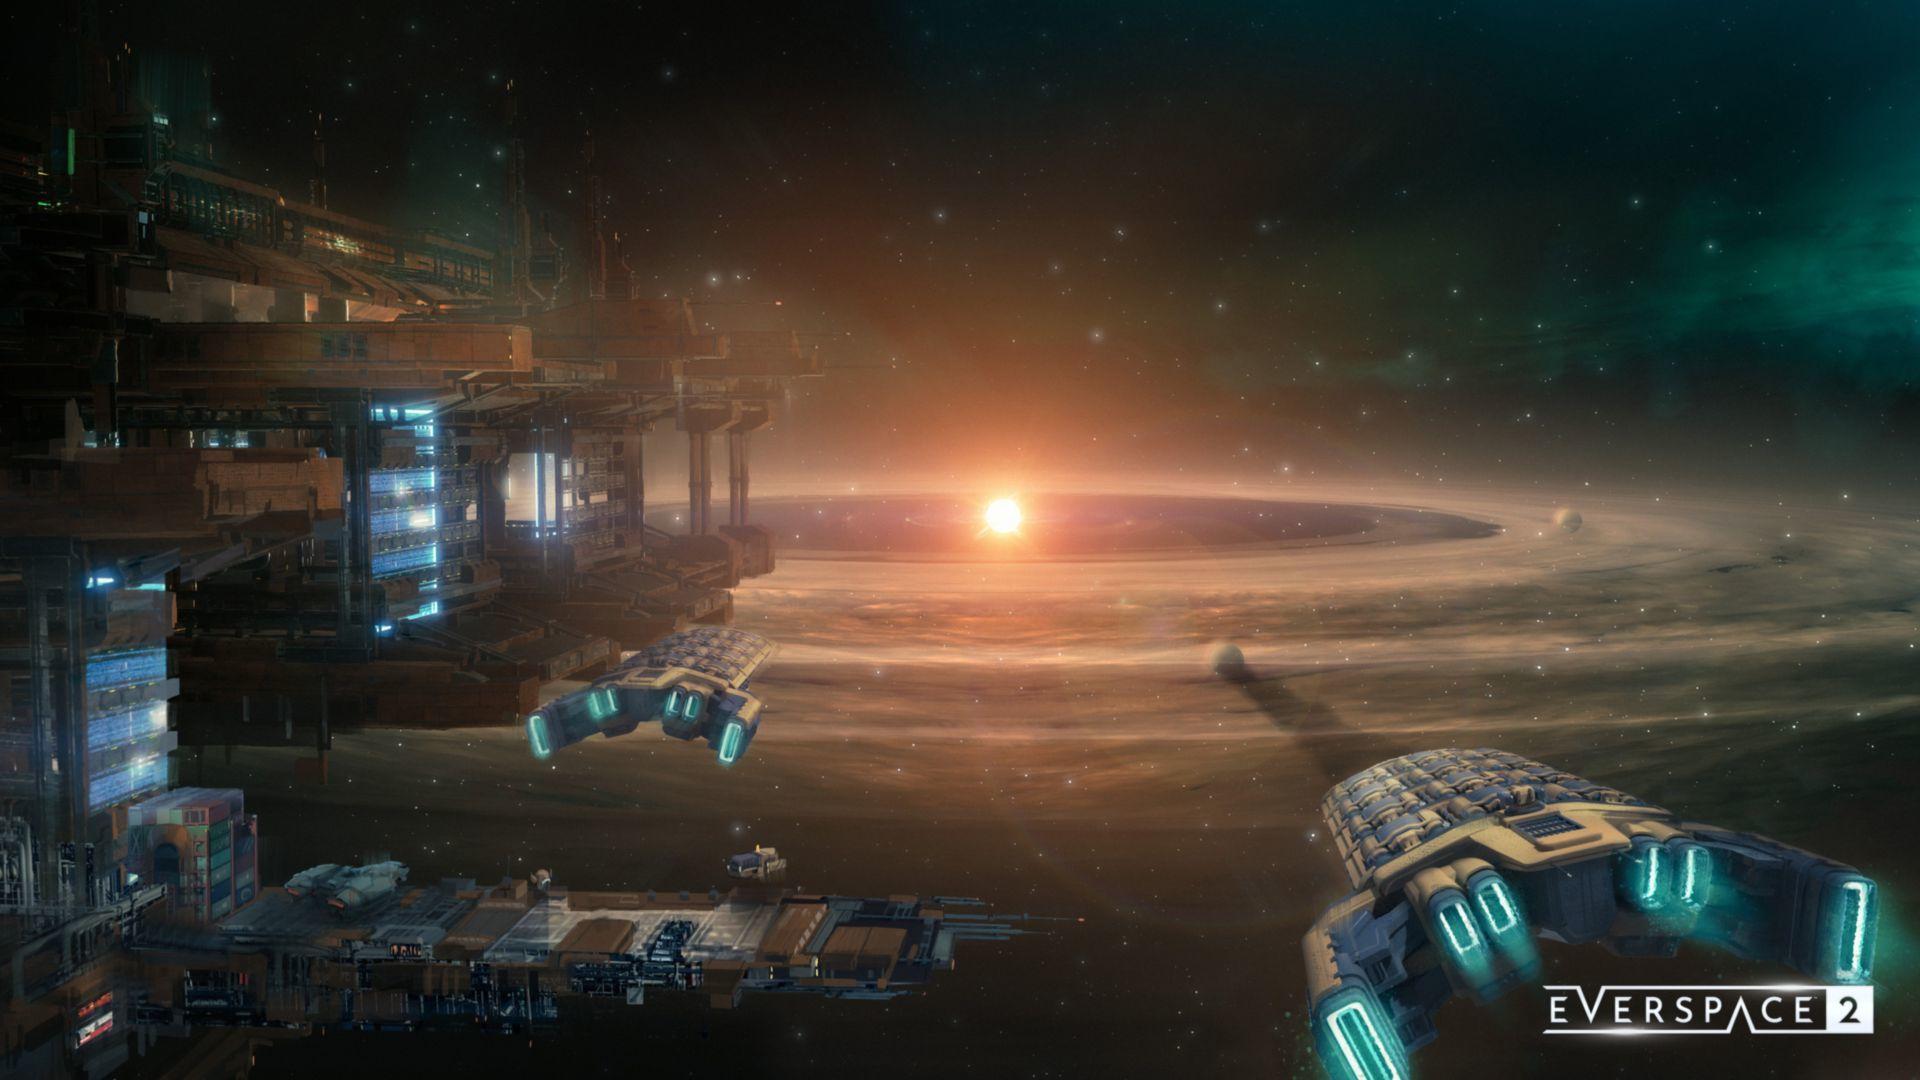 Everspace 2 detalla su hoja de ruta de desarrollo para los próximos meses 2